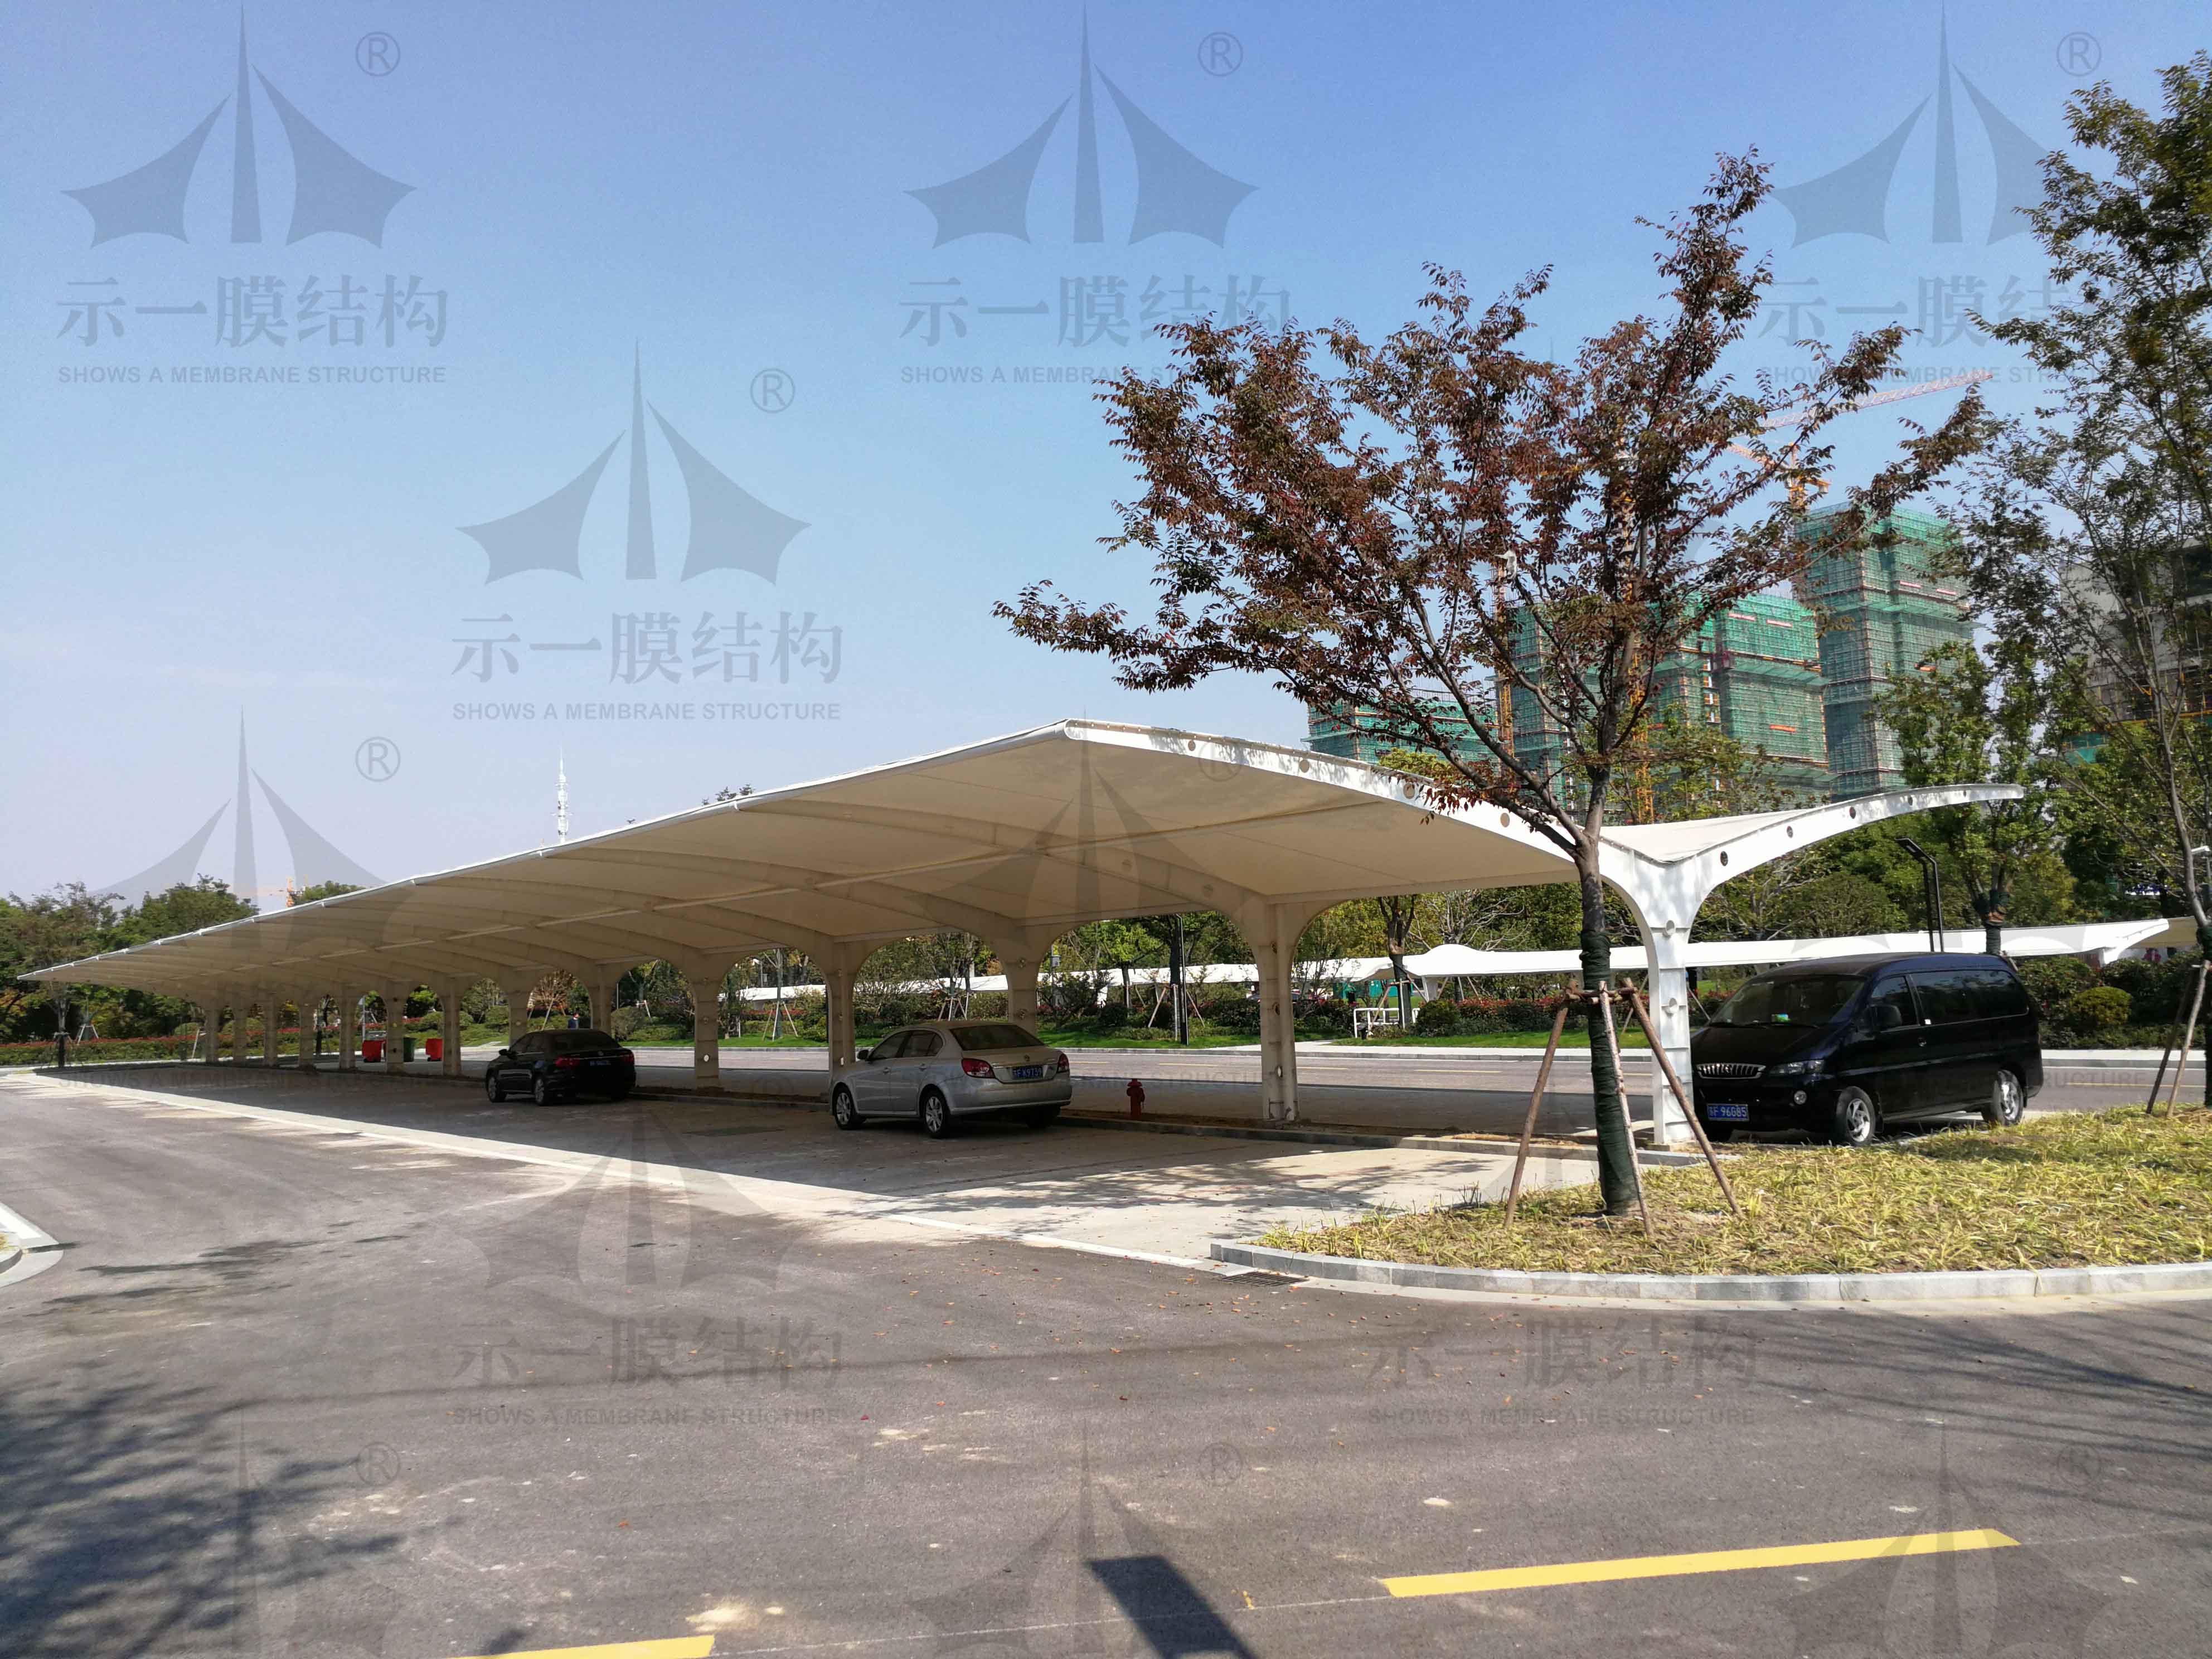 上海示一膜结构南通市政府停车棚